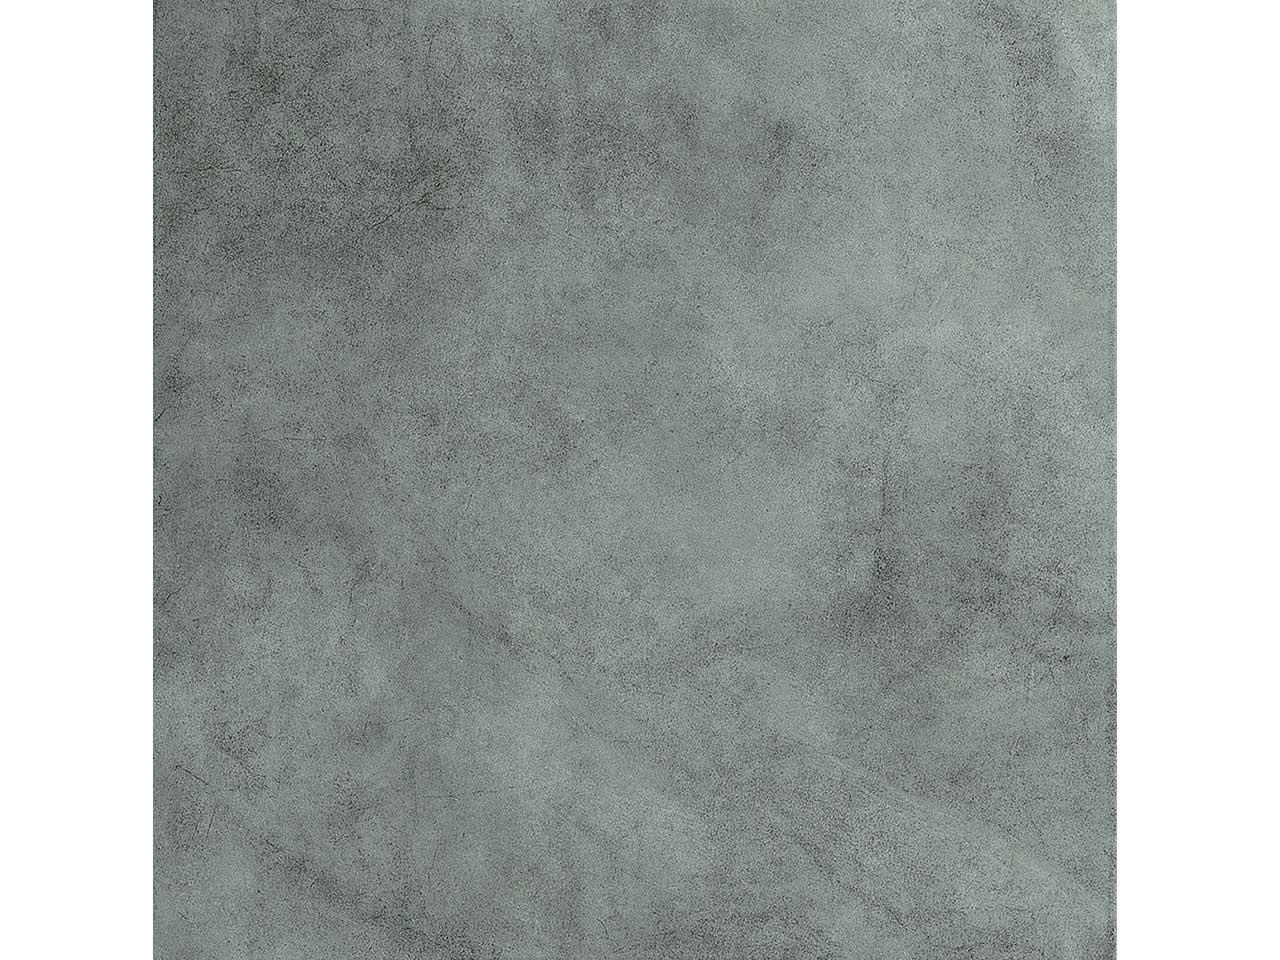 York/timur grigio rh19 rett. 60x60   iperceramica